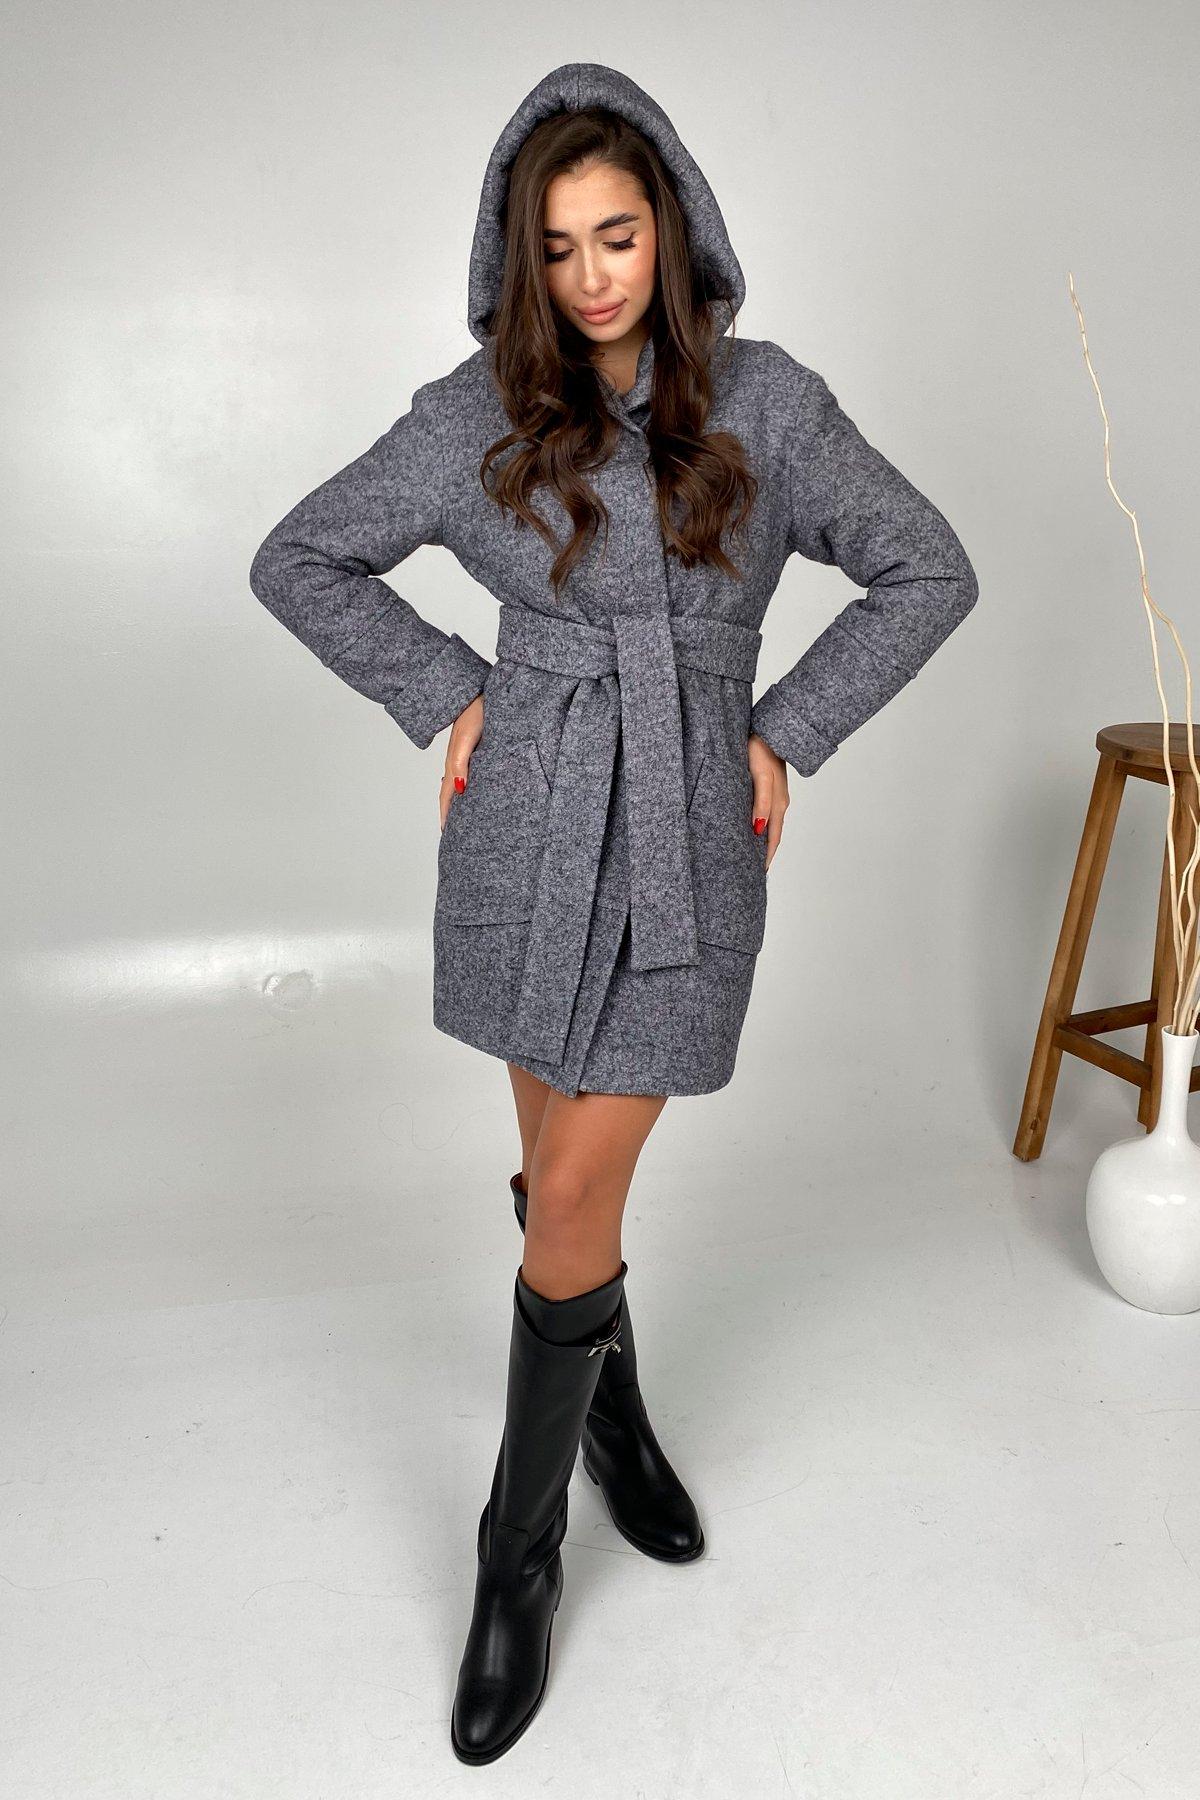 Анита шерсть варенка зима без меха пальто 9936 АРТ. 46224 Цвет: серый темный 5 - фото 2, интернет магазин tm-modus.ru